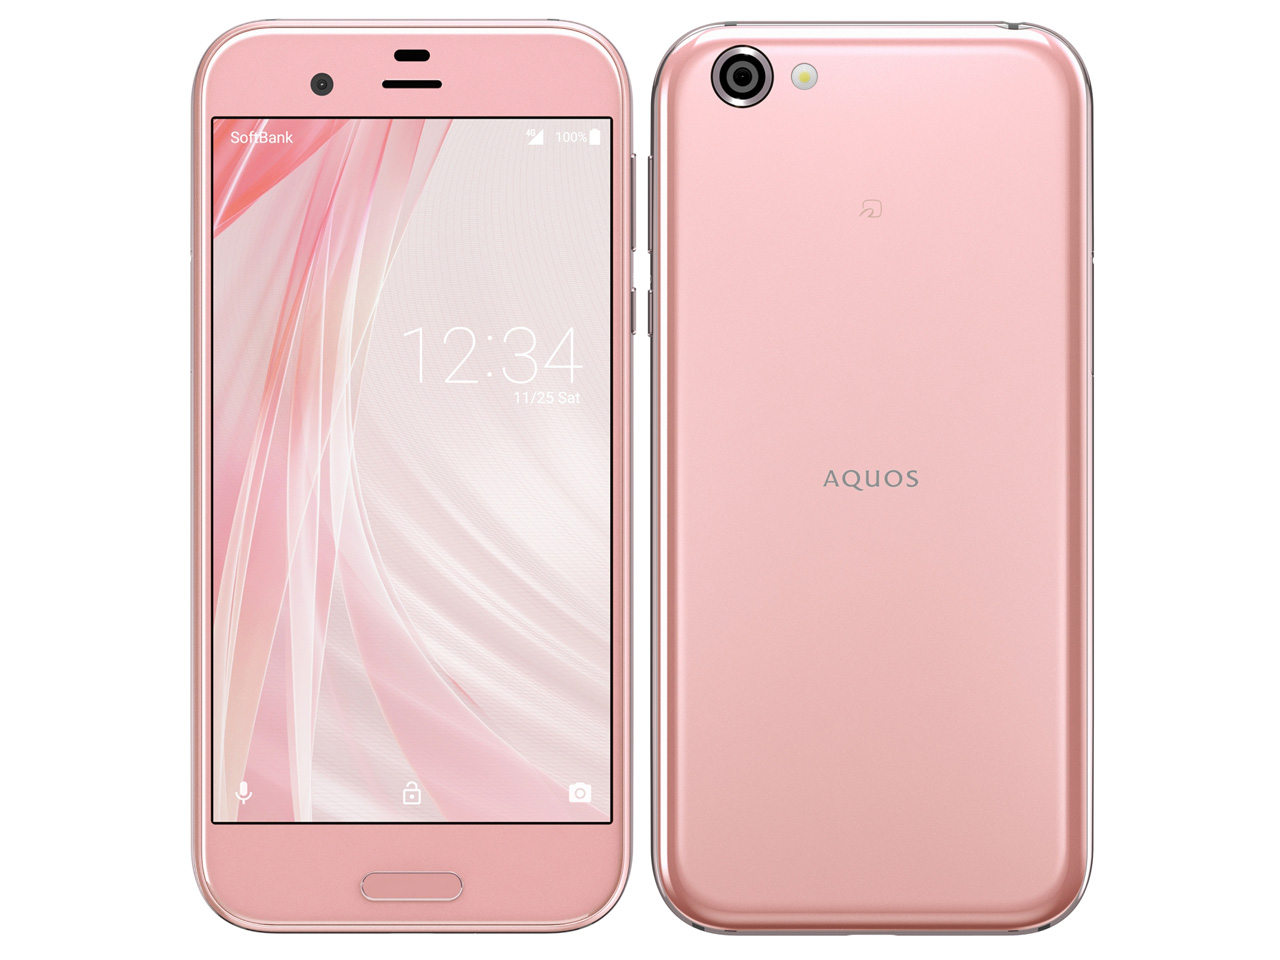 【新品・白ロム・本体】SIMロック解除済SoftBank AQUOS R  605SH オーロラピンク 携帯電話 スマートフォン605SH pink 白ロム 605sh ソフトバンク aquos r 605sh